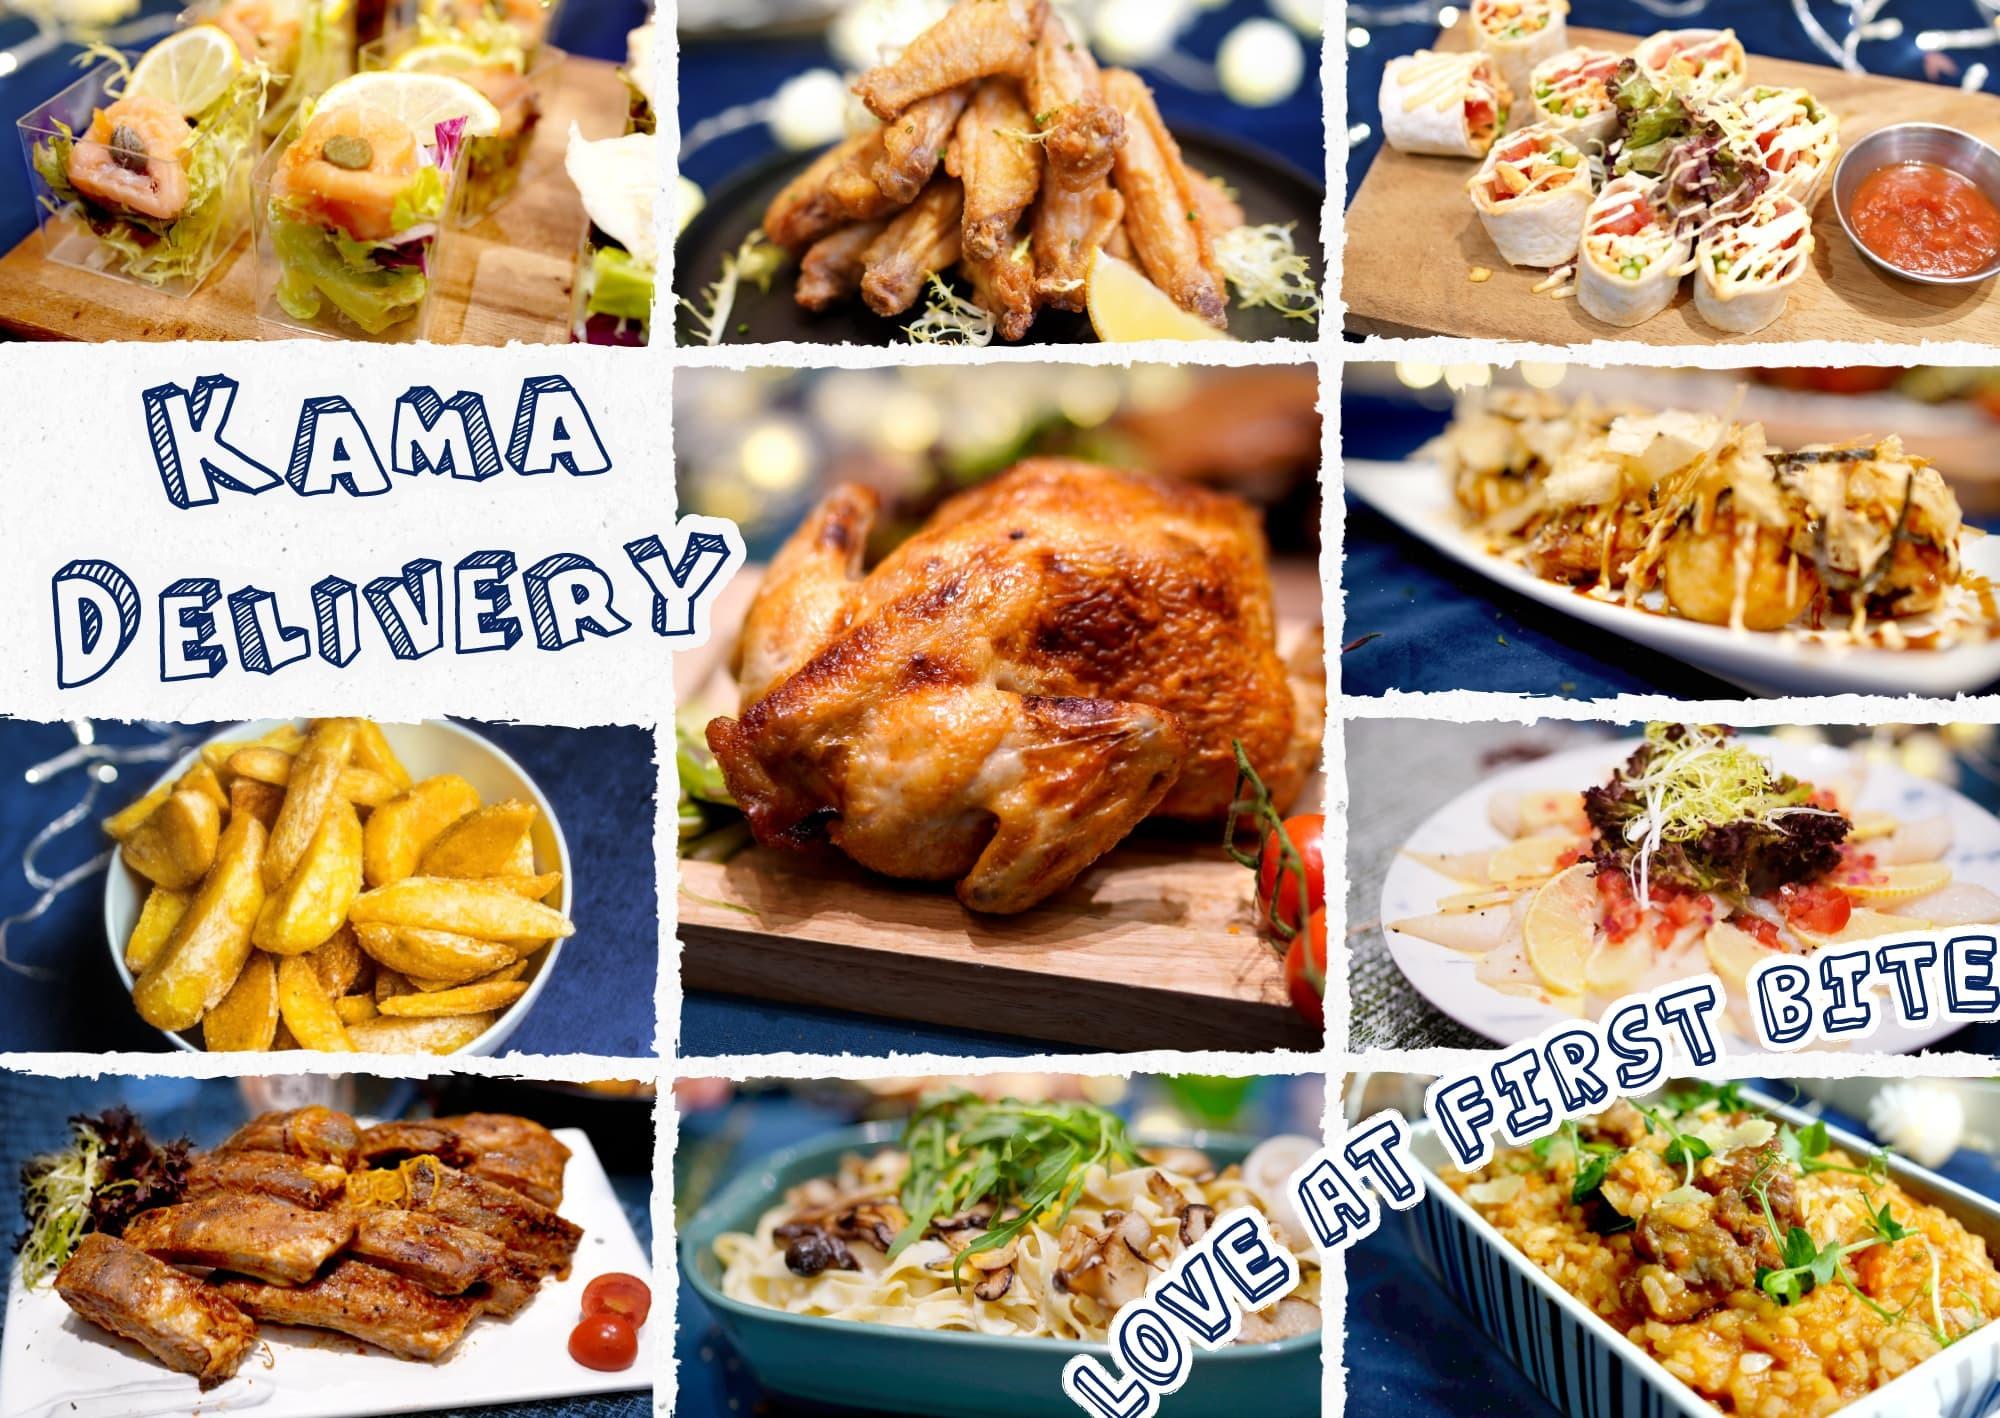 各式各樣到會推介|Kama Delivery為生日會、慶祝活動、家庭聚會等場合炮製多人外賣單點美食,歡迎WhatsApp聯絡我們查詢報價。